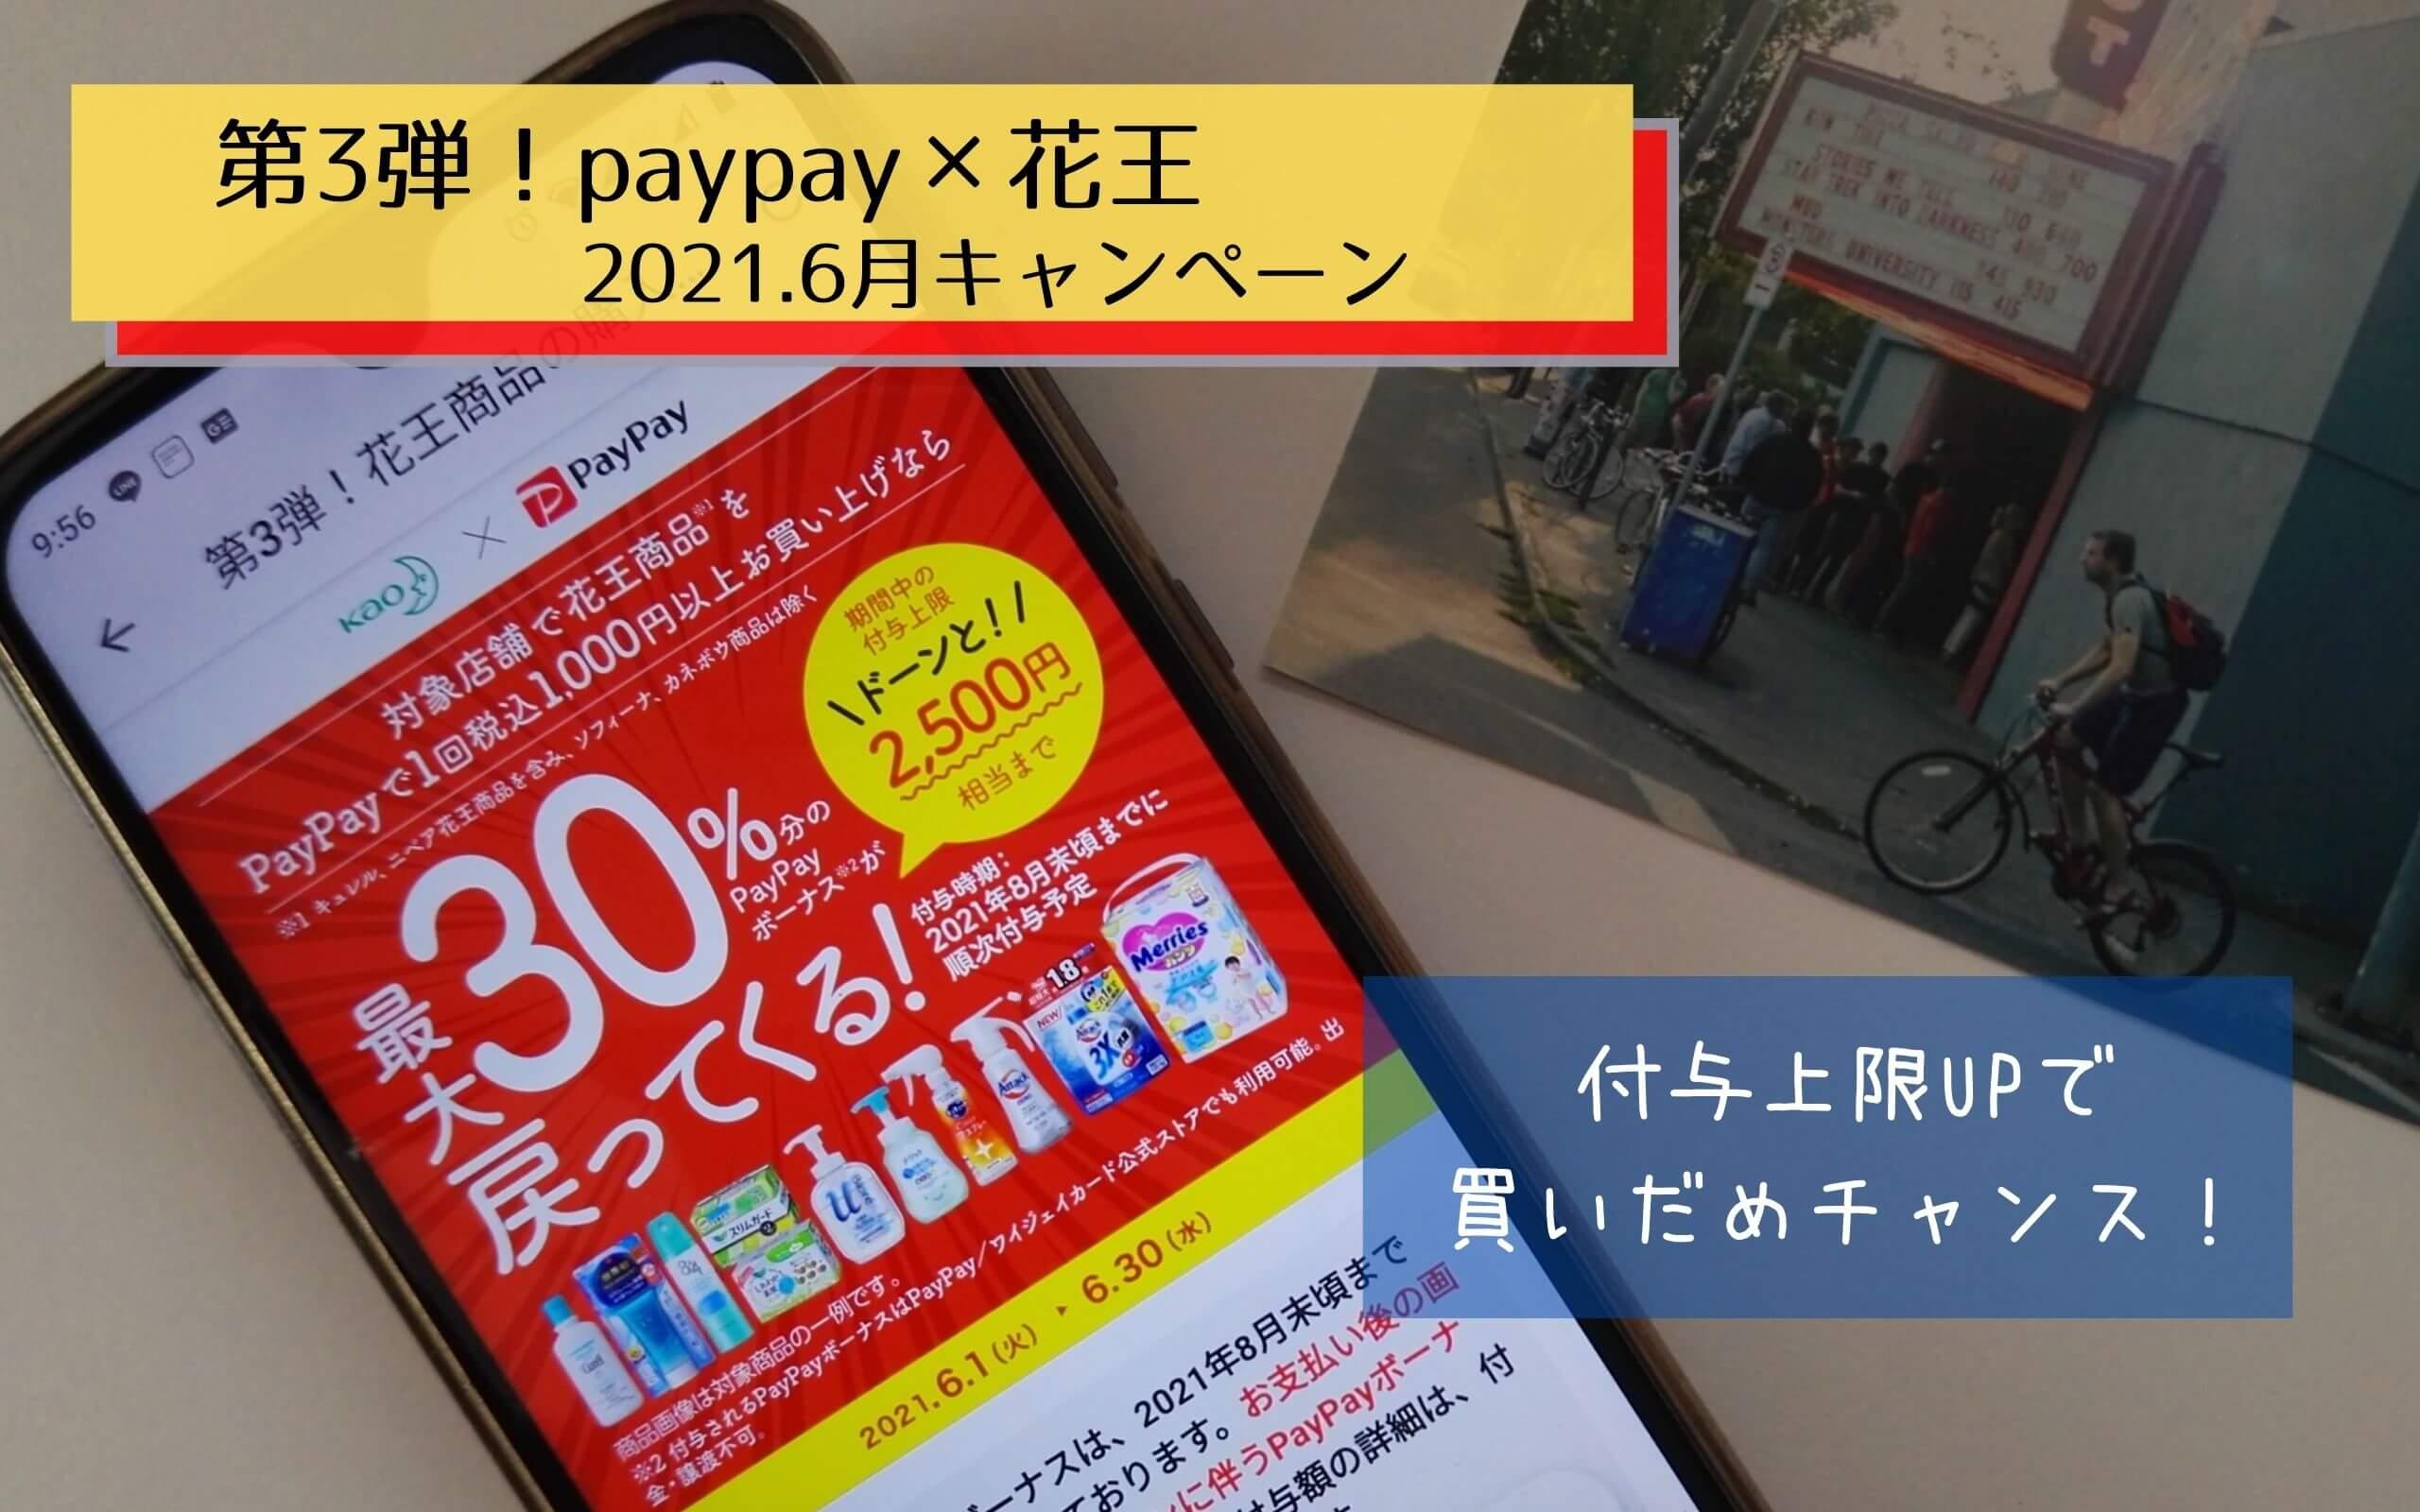 第3弾!paypay×花王